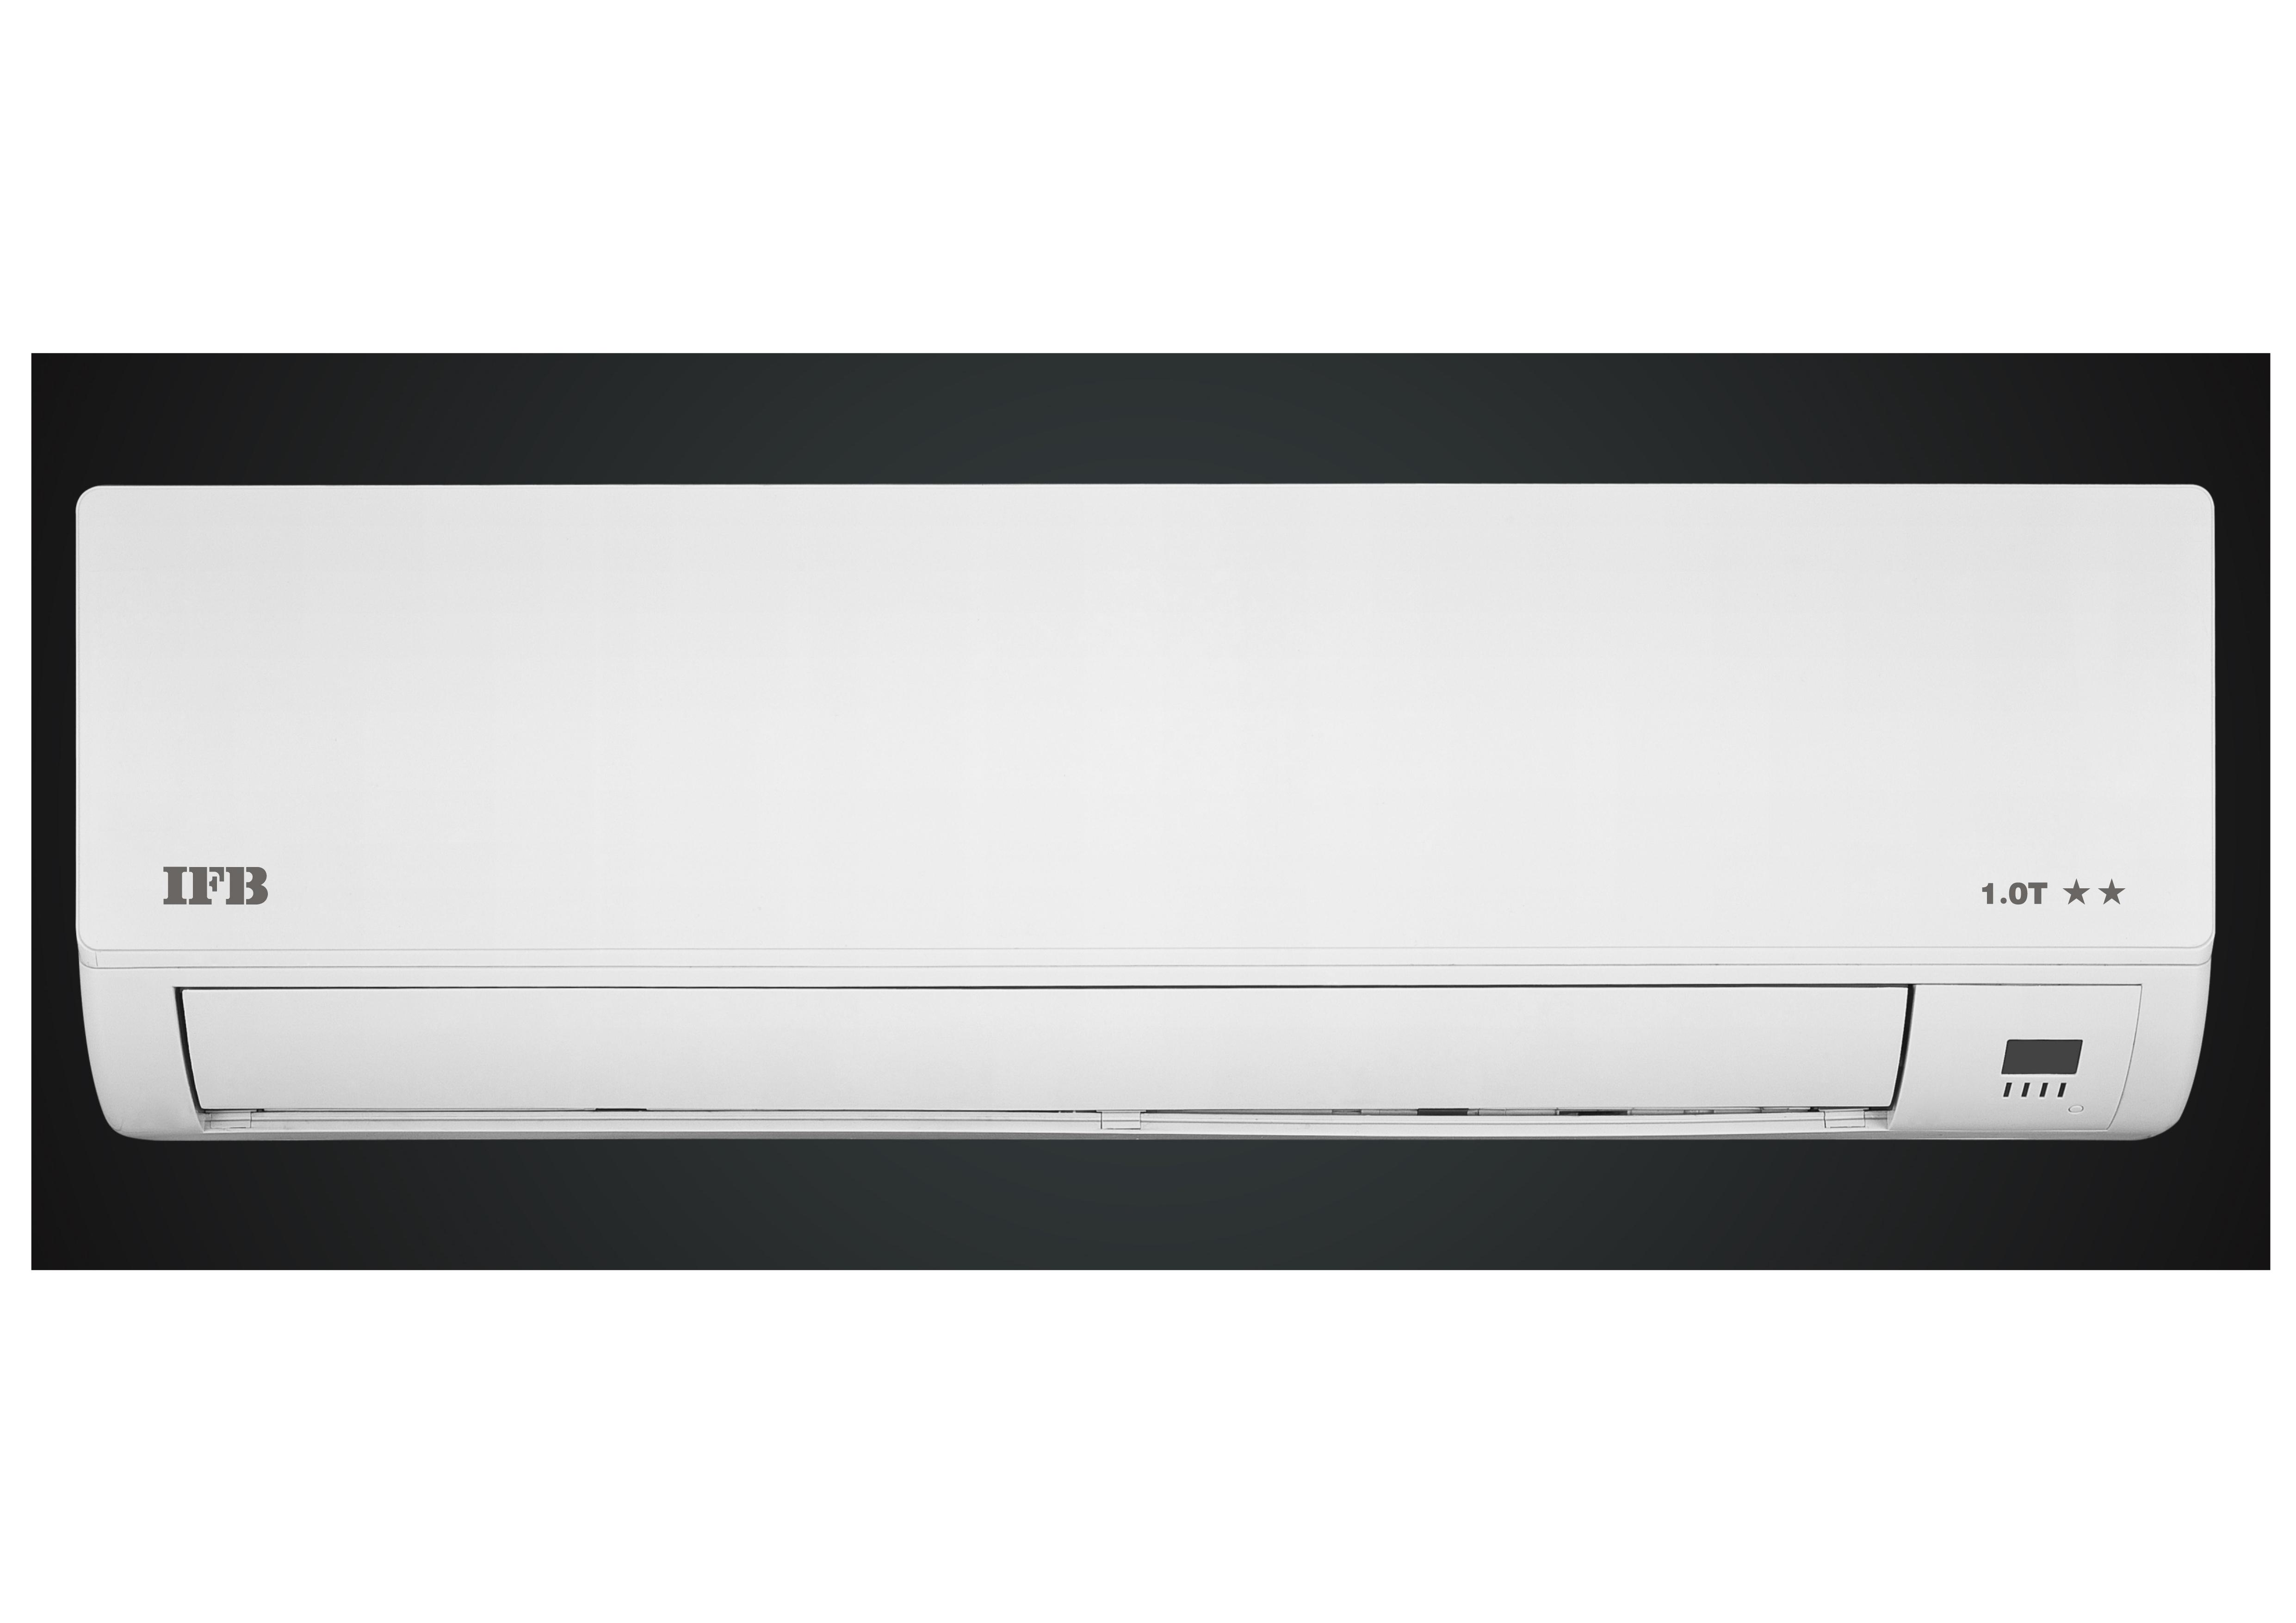 IFB IACS12AK2TC 1 TON 2 STAR SPLIT AC Reviews Price  #232526